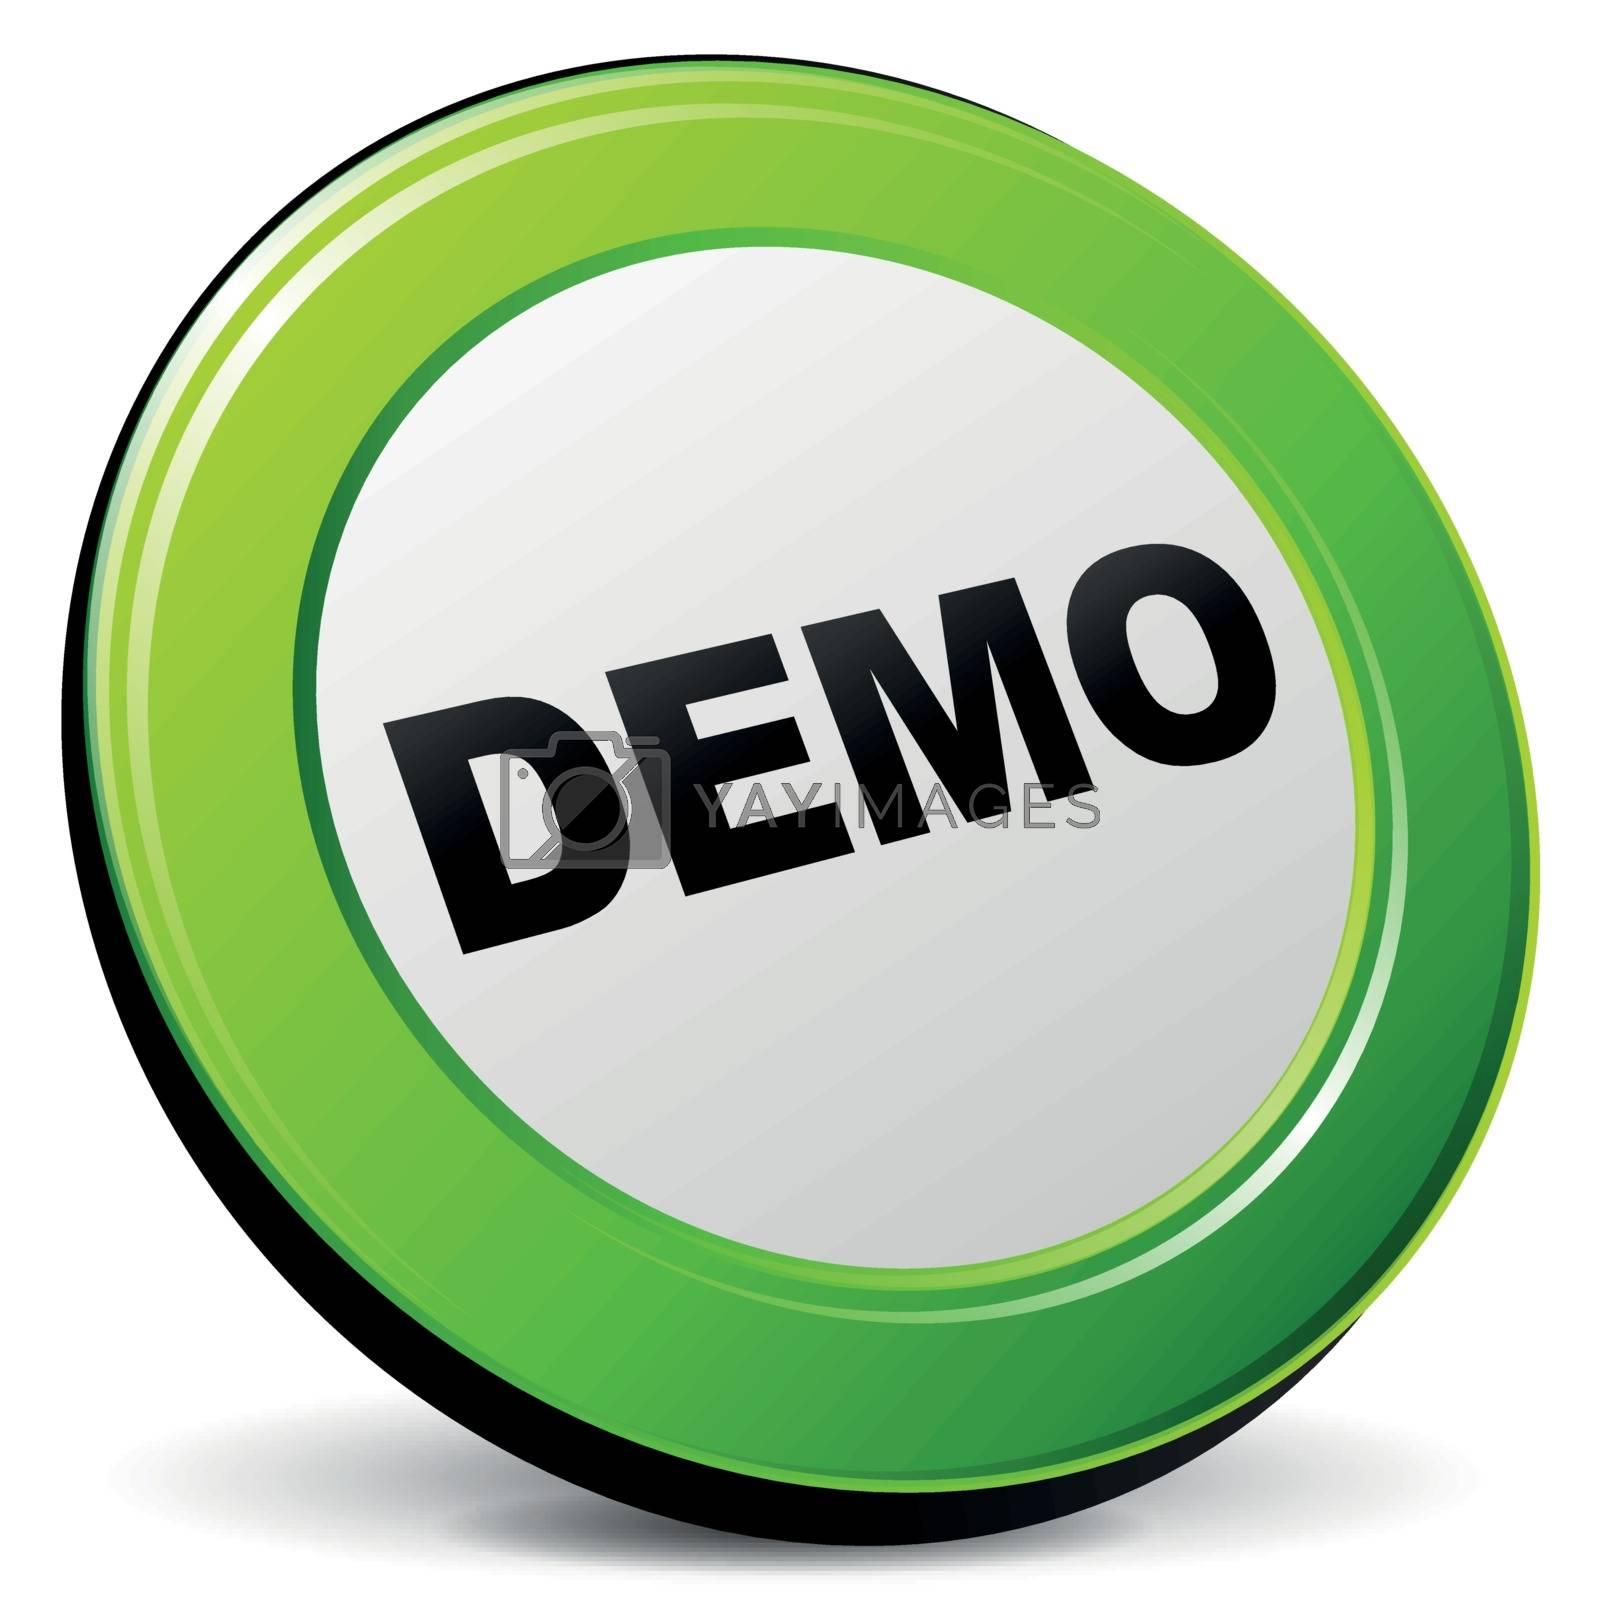 Vector demo 3d icon by nickylarson974